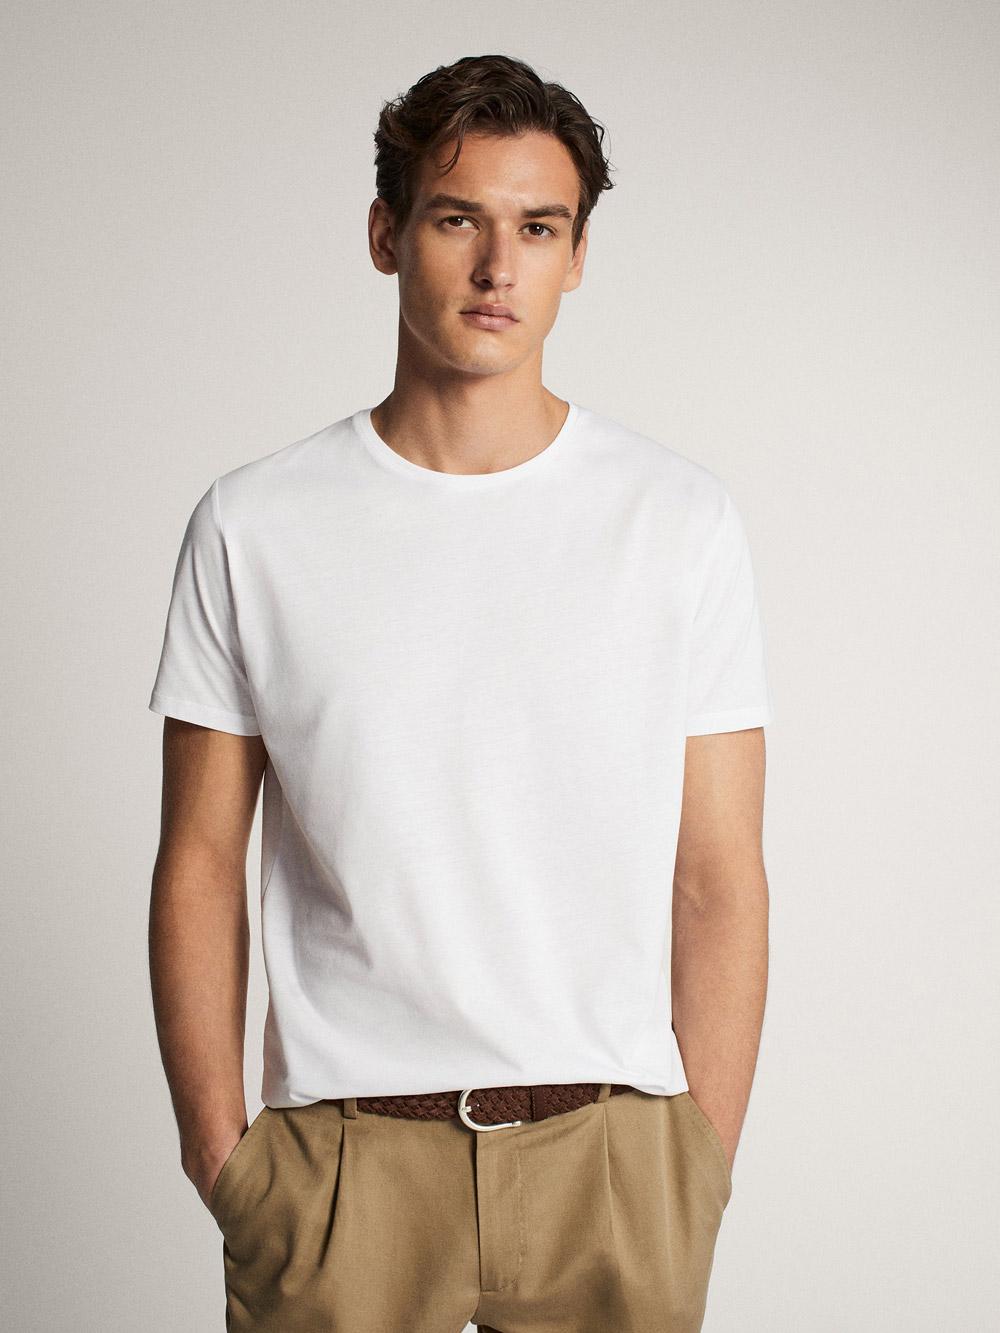 Massimo Dutti bijela majica ljeto 2020 2